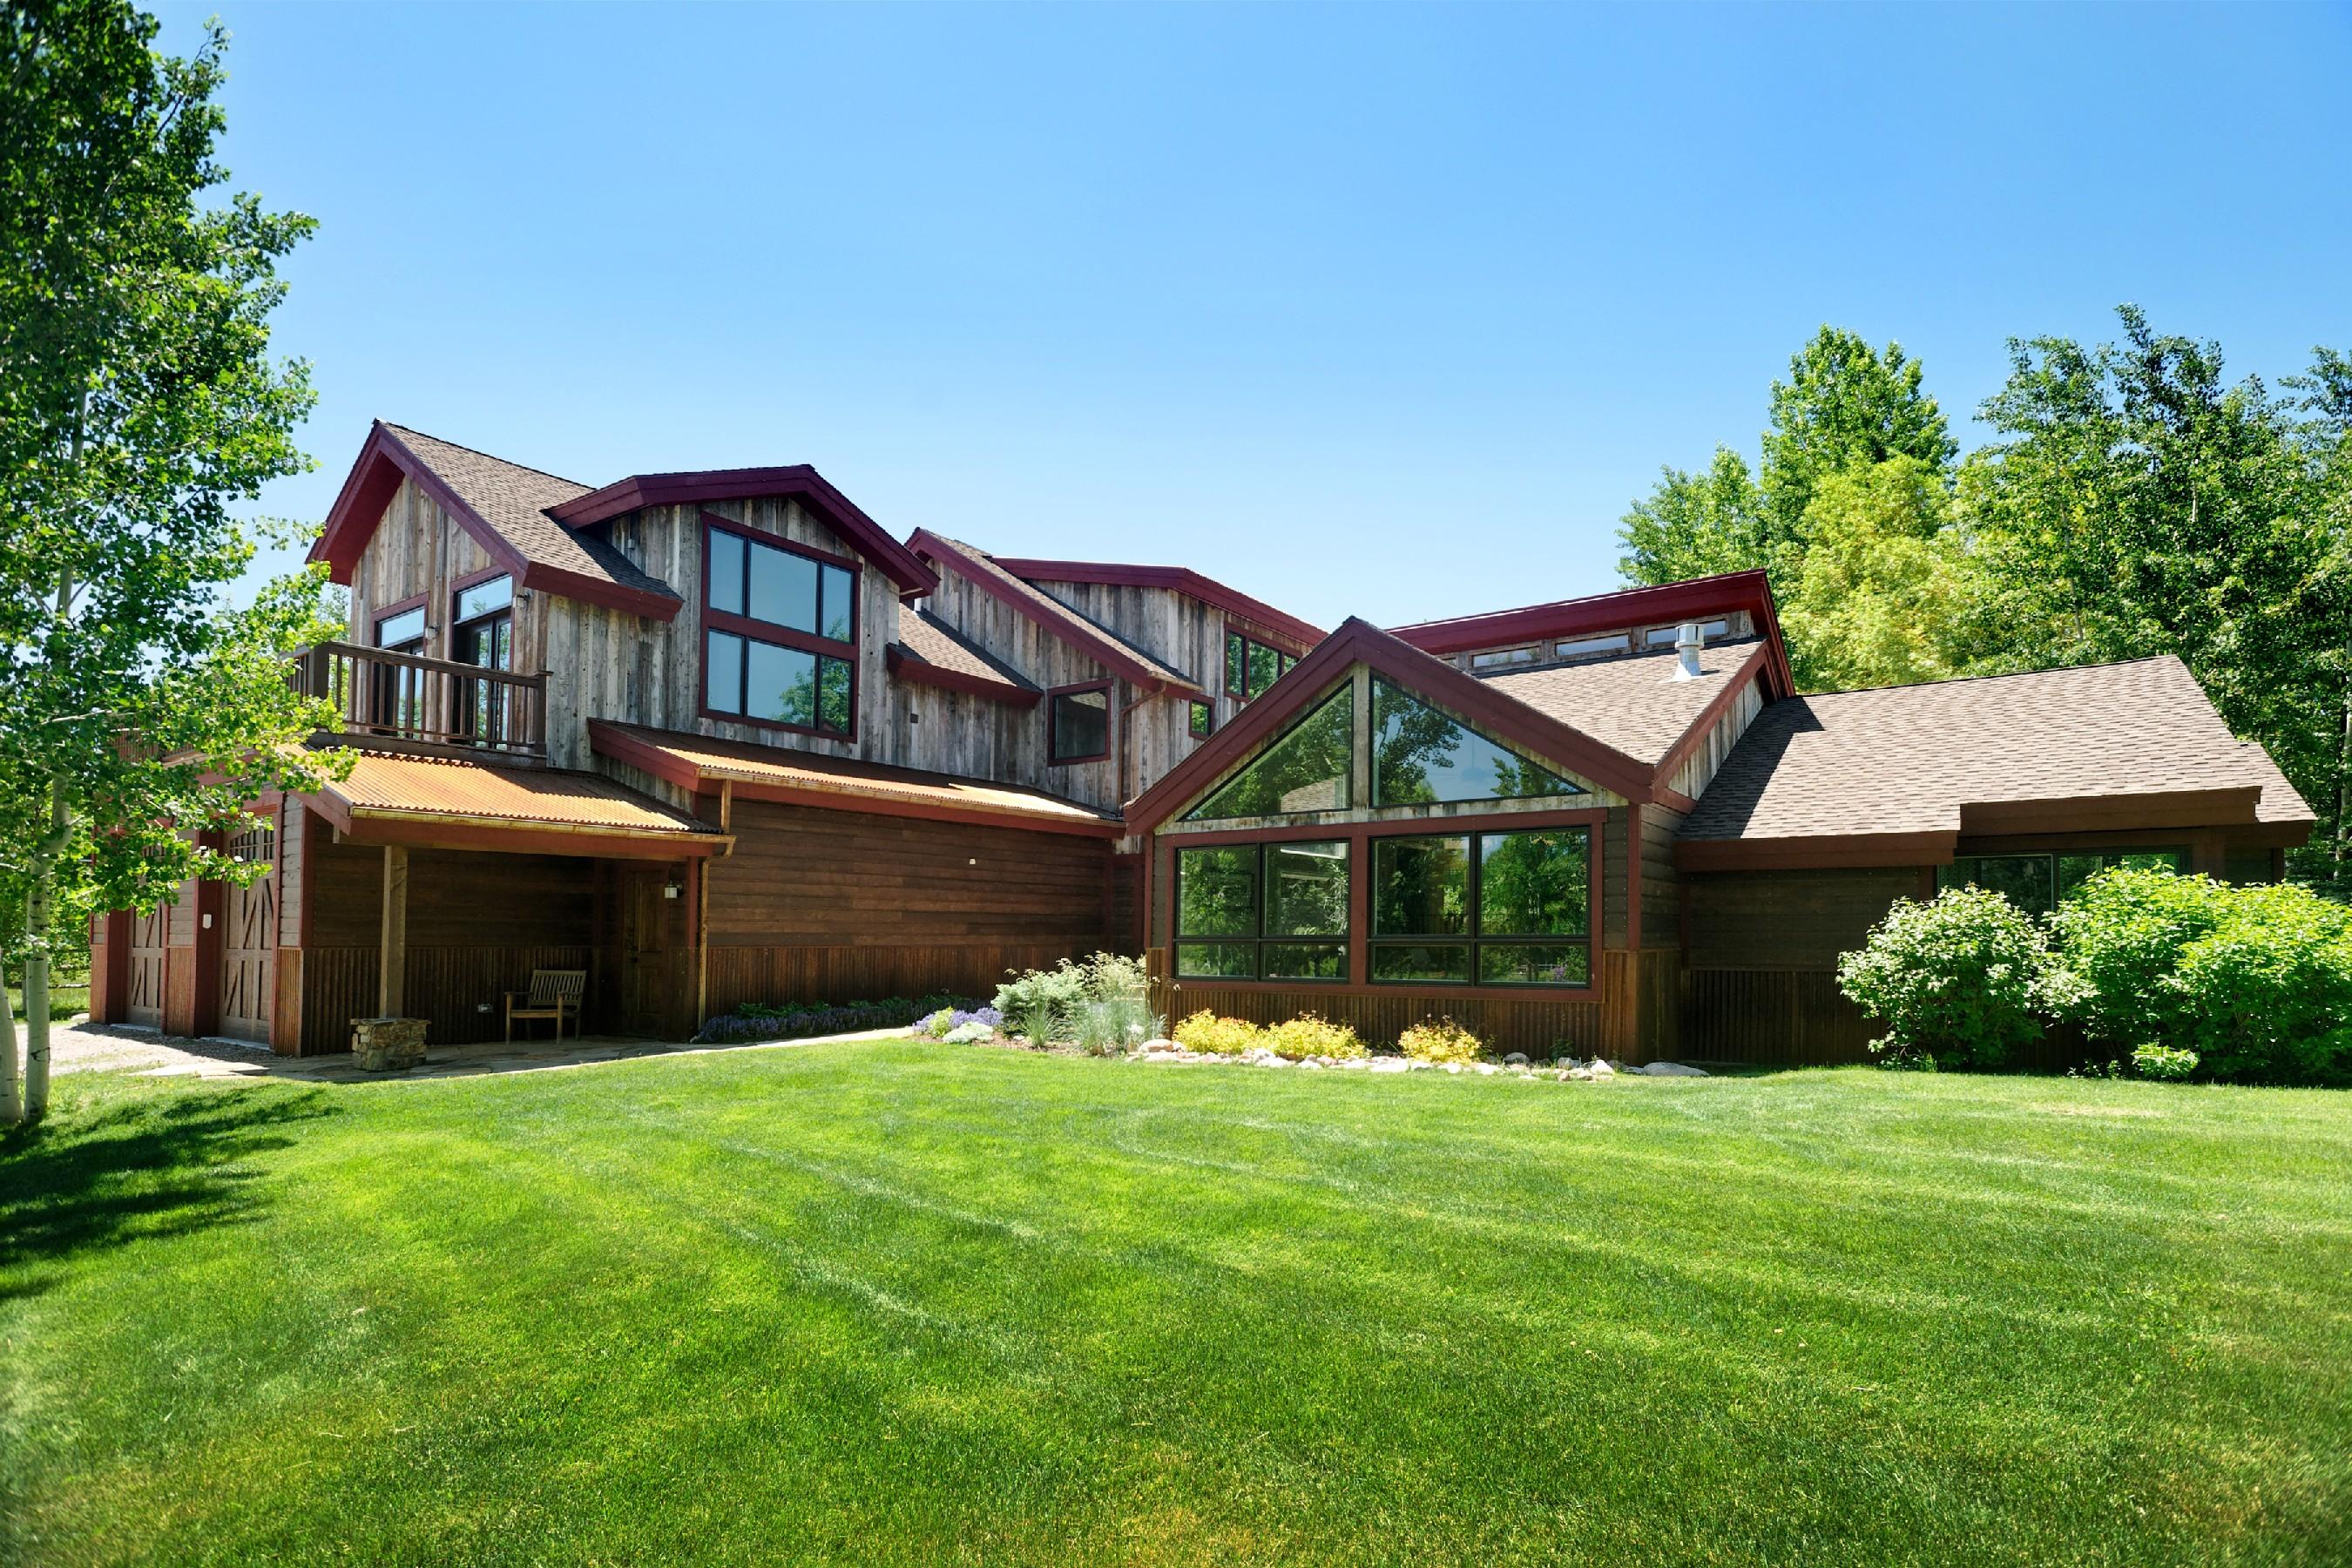 一戸建て のために 売買 アット Idylllic Old Snowmass 51 Driskell Lane Snowmass, コロラド, 81654 アメリカ合衆国